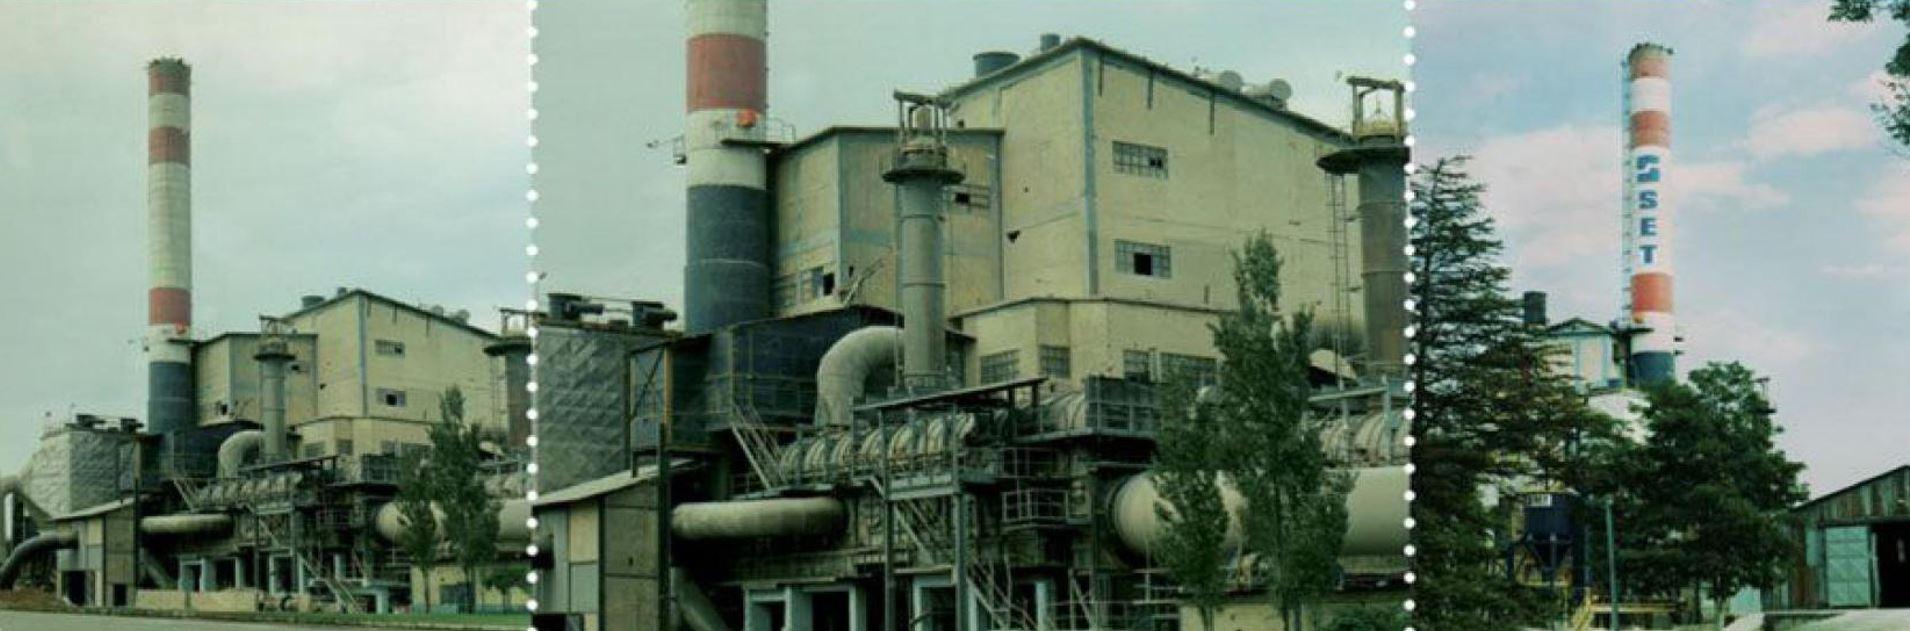 Afyon Çimento Fabrikası İnşaatı